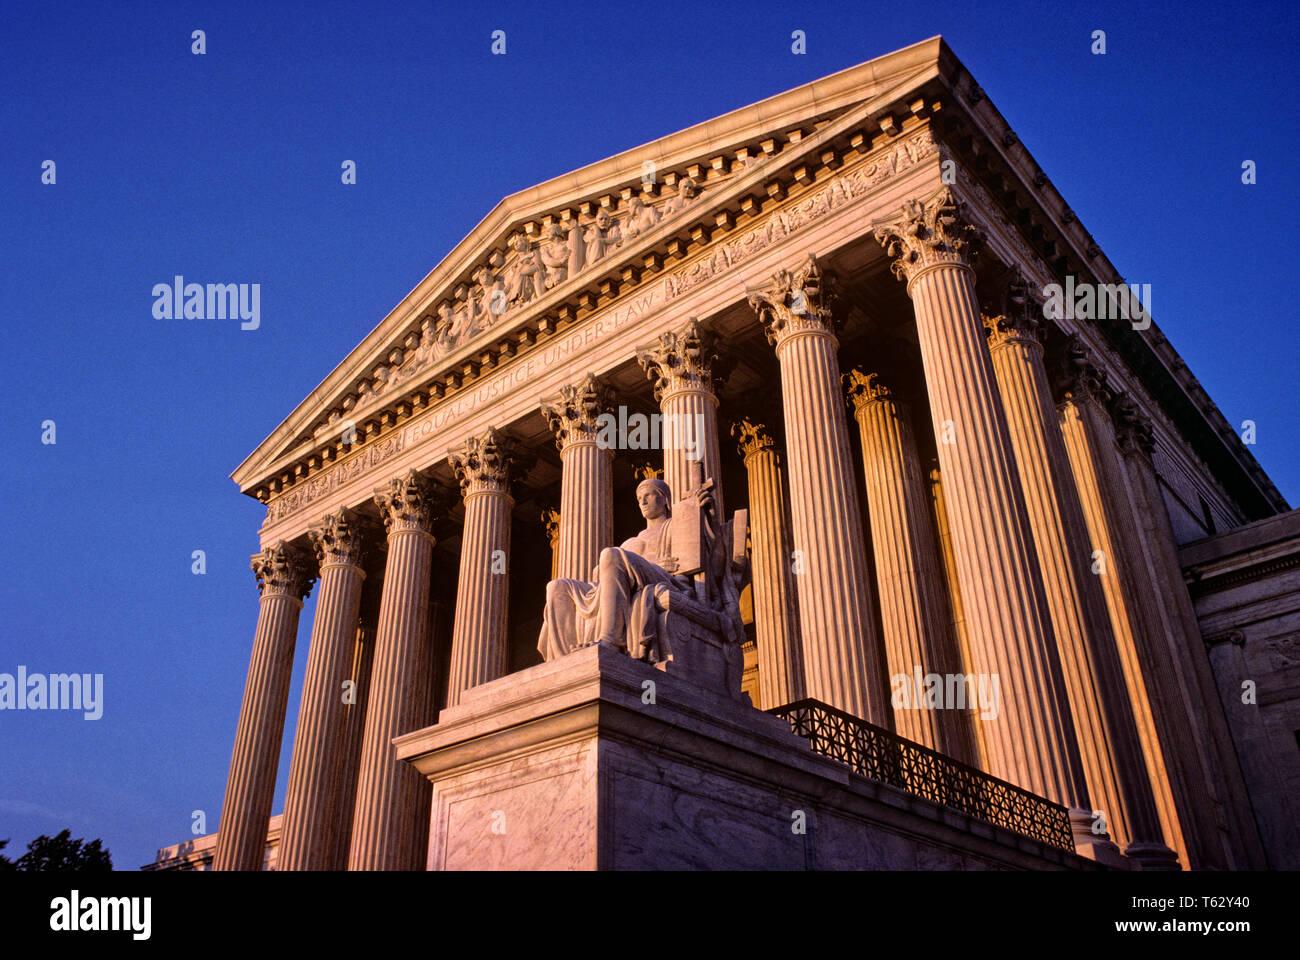 1980 FAÇADE AVANT AVEC STATUE DE RÈGLE DE DROIT LE BÂTIMENT DE LA COUR SUPRÊME WASHINGTON DC USA - KR69067 KRU001 HARS STRUCTURES CONCEPTUELLES ÉDIFICE WASHINGTON DC détail architectural capitale constitutionnelle fédérale de district centres LES CENTRES URBAINS DES PROPRIÉTÉS Photo Stock